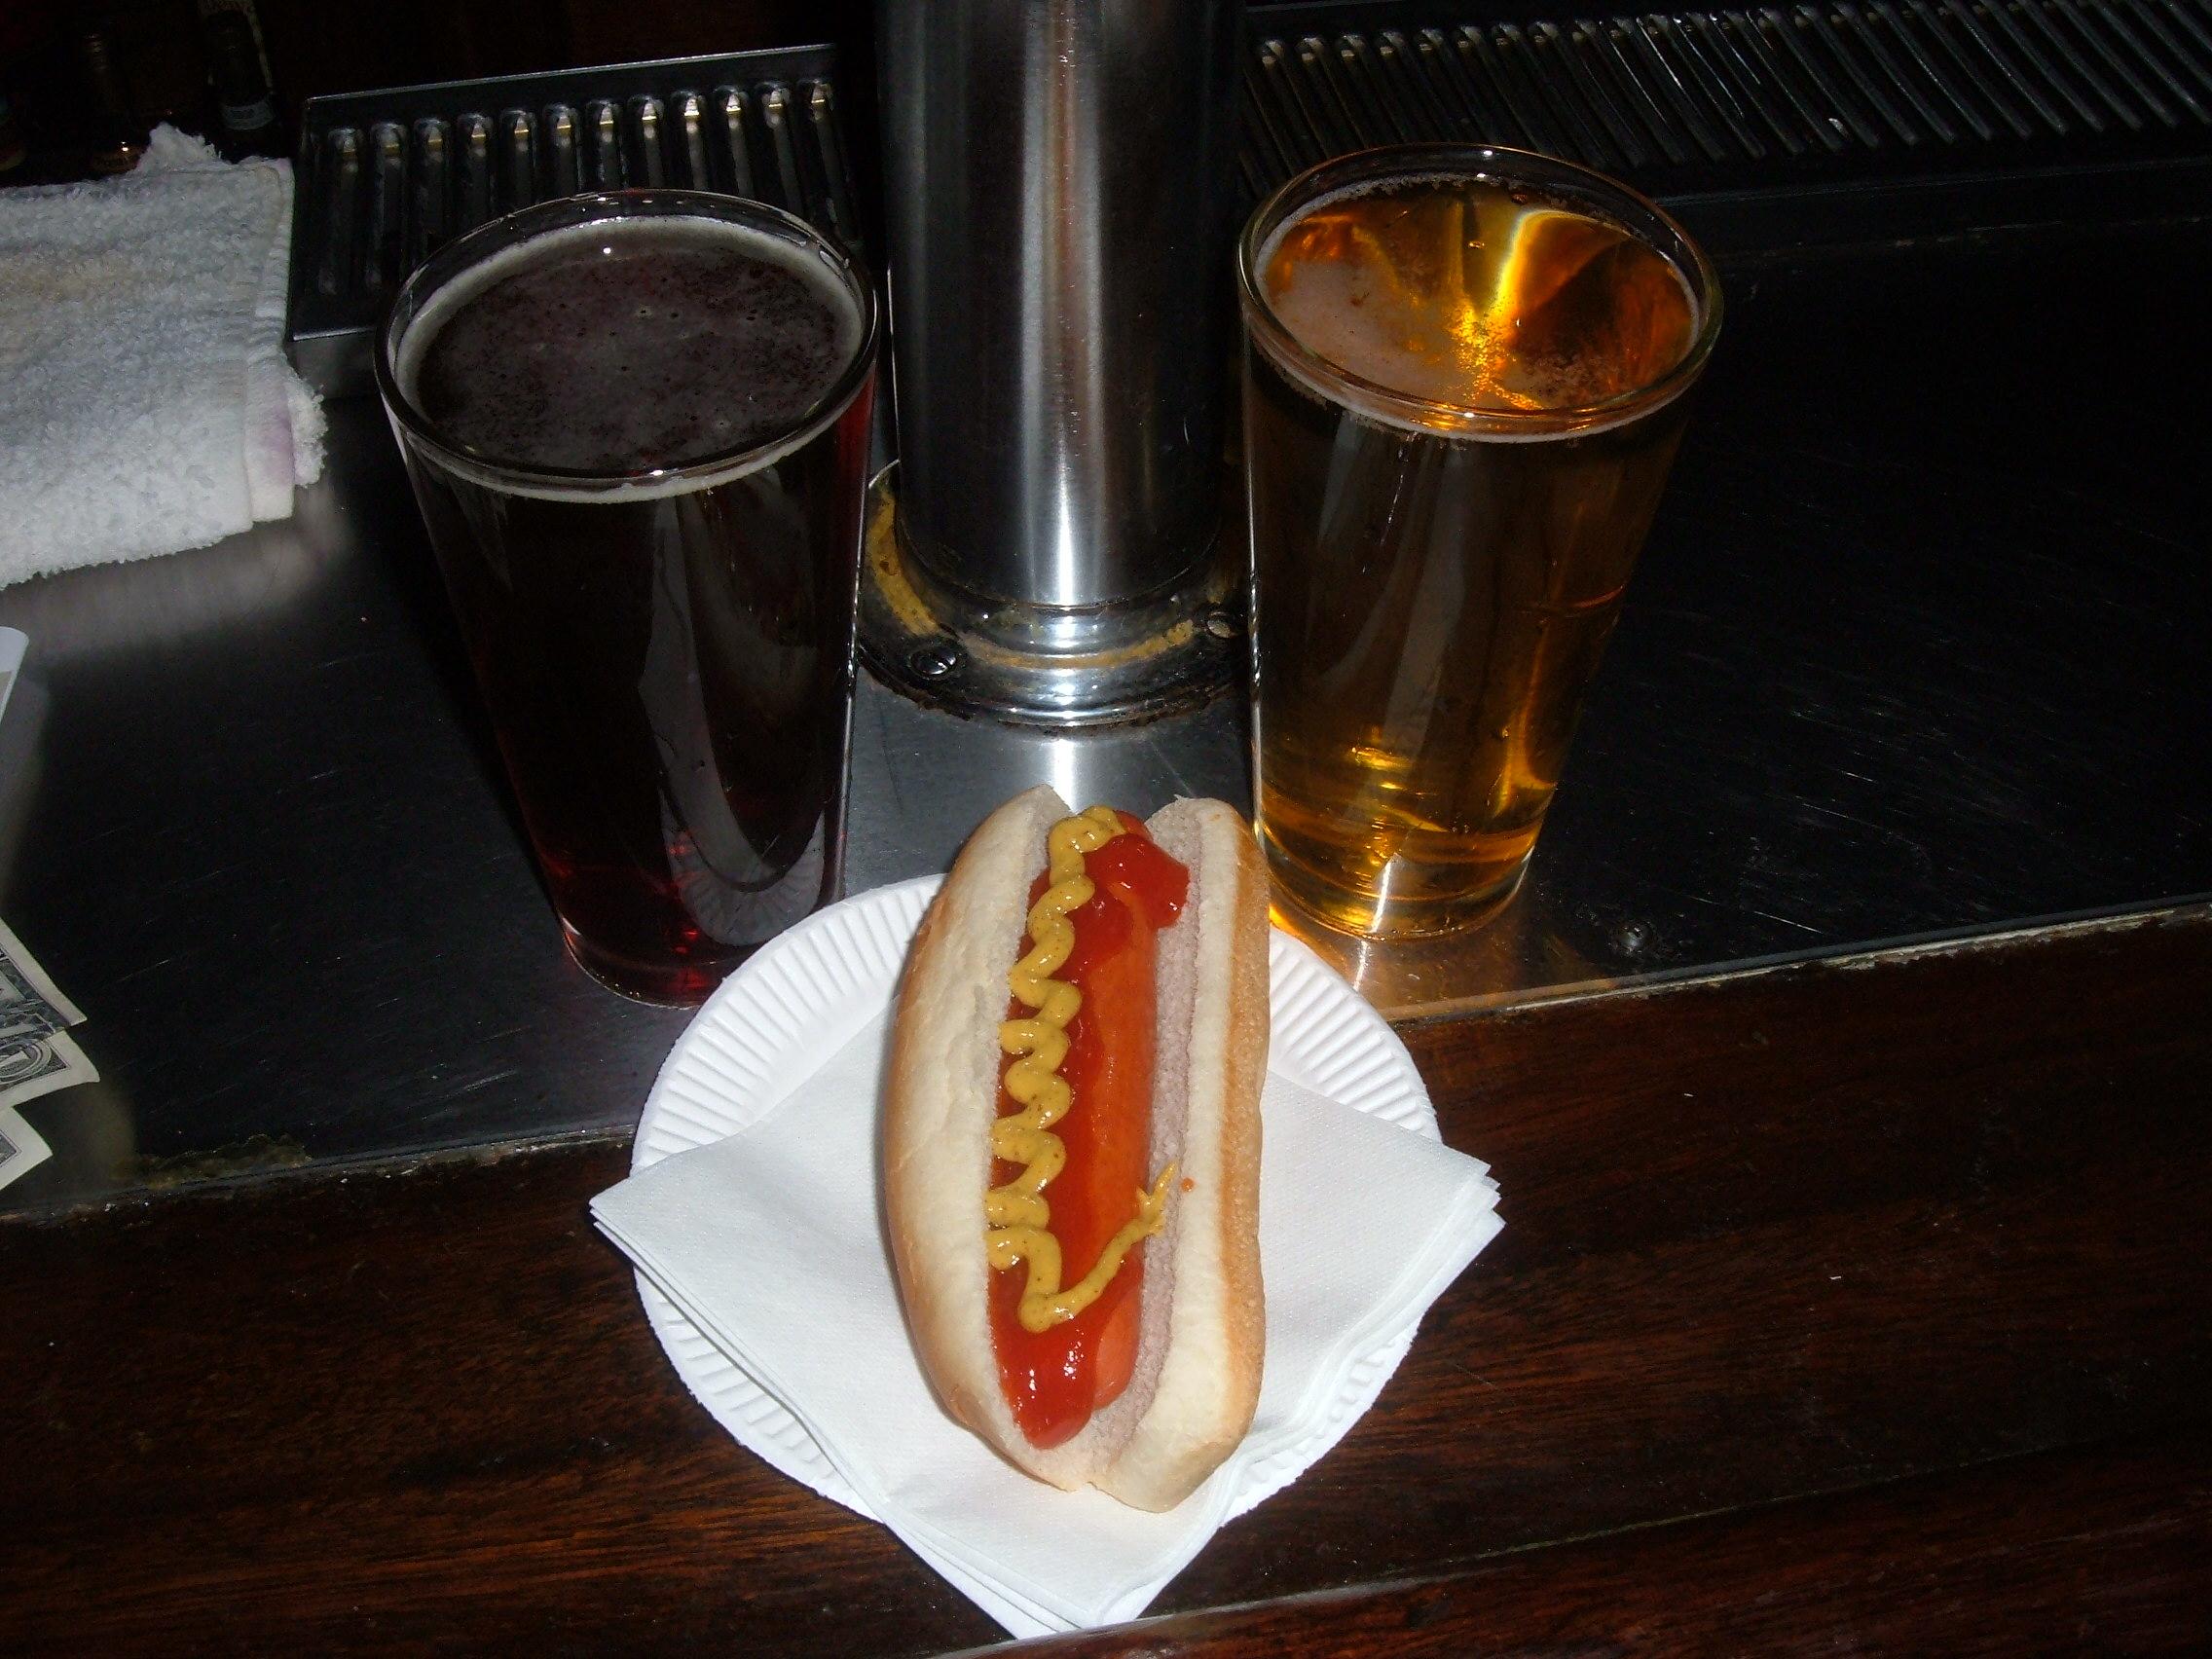 Rudy S Hot Dog Specials